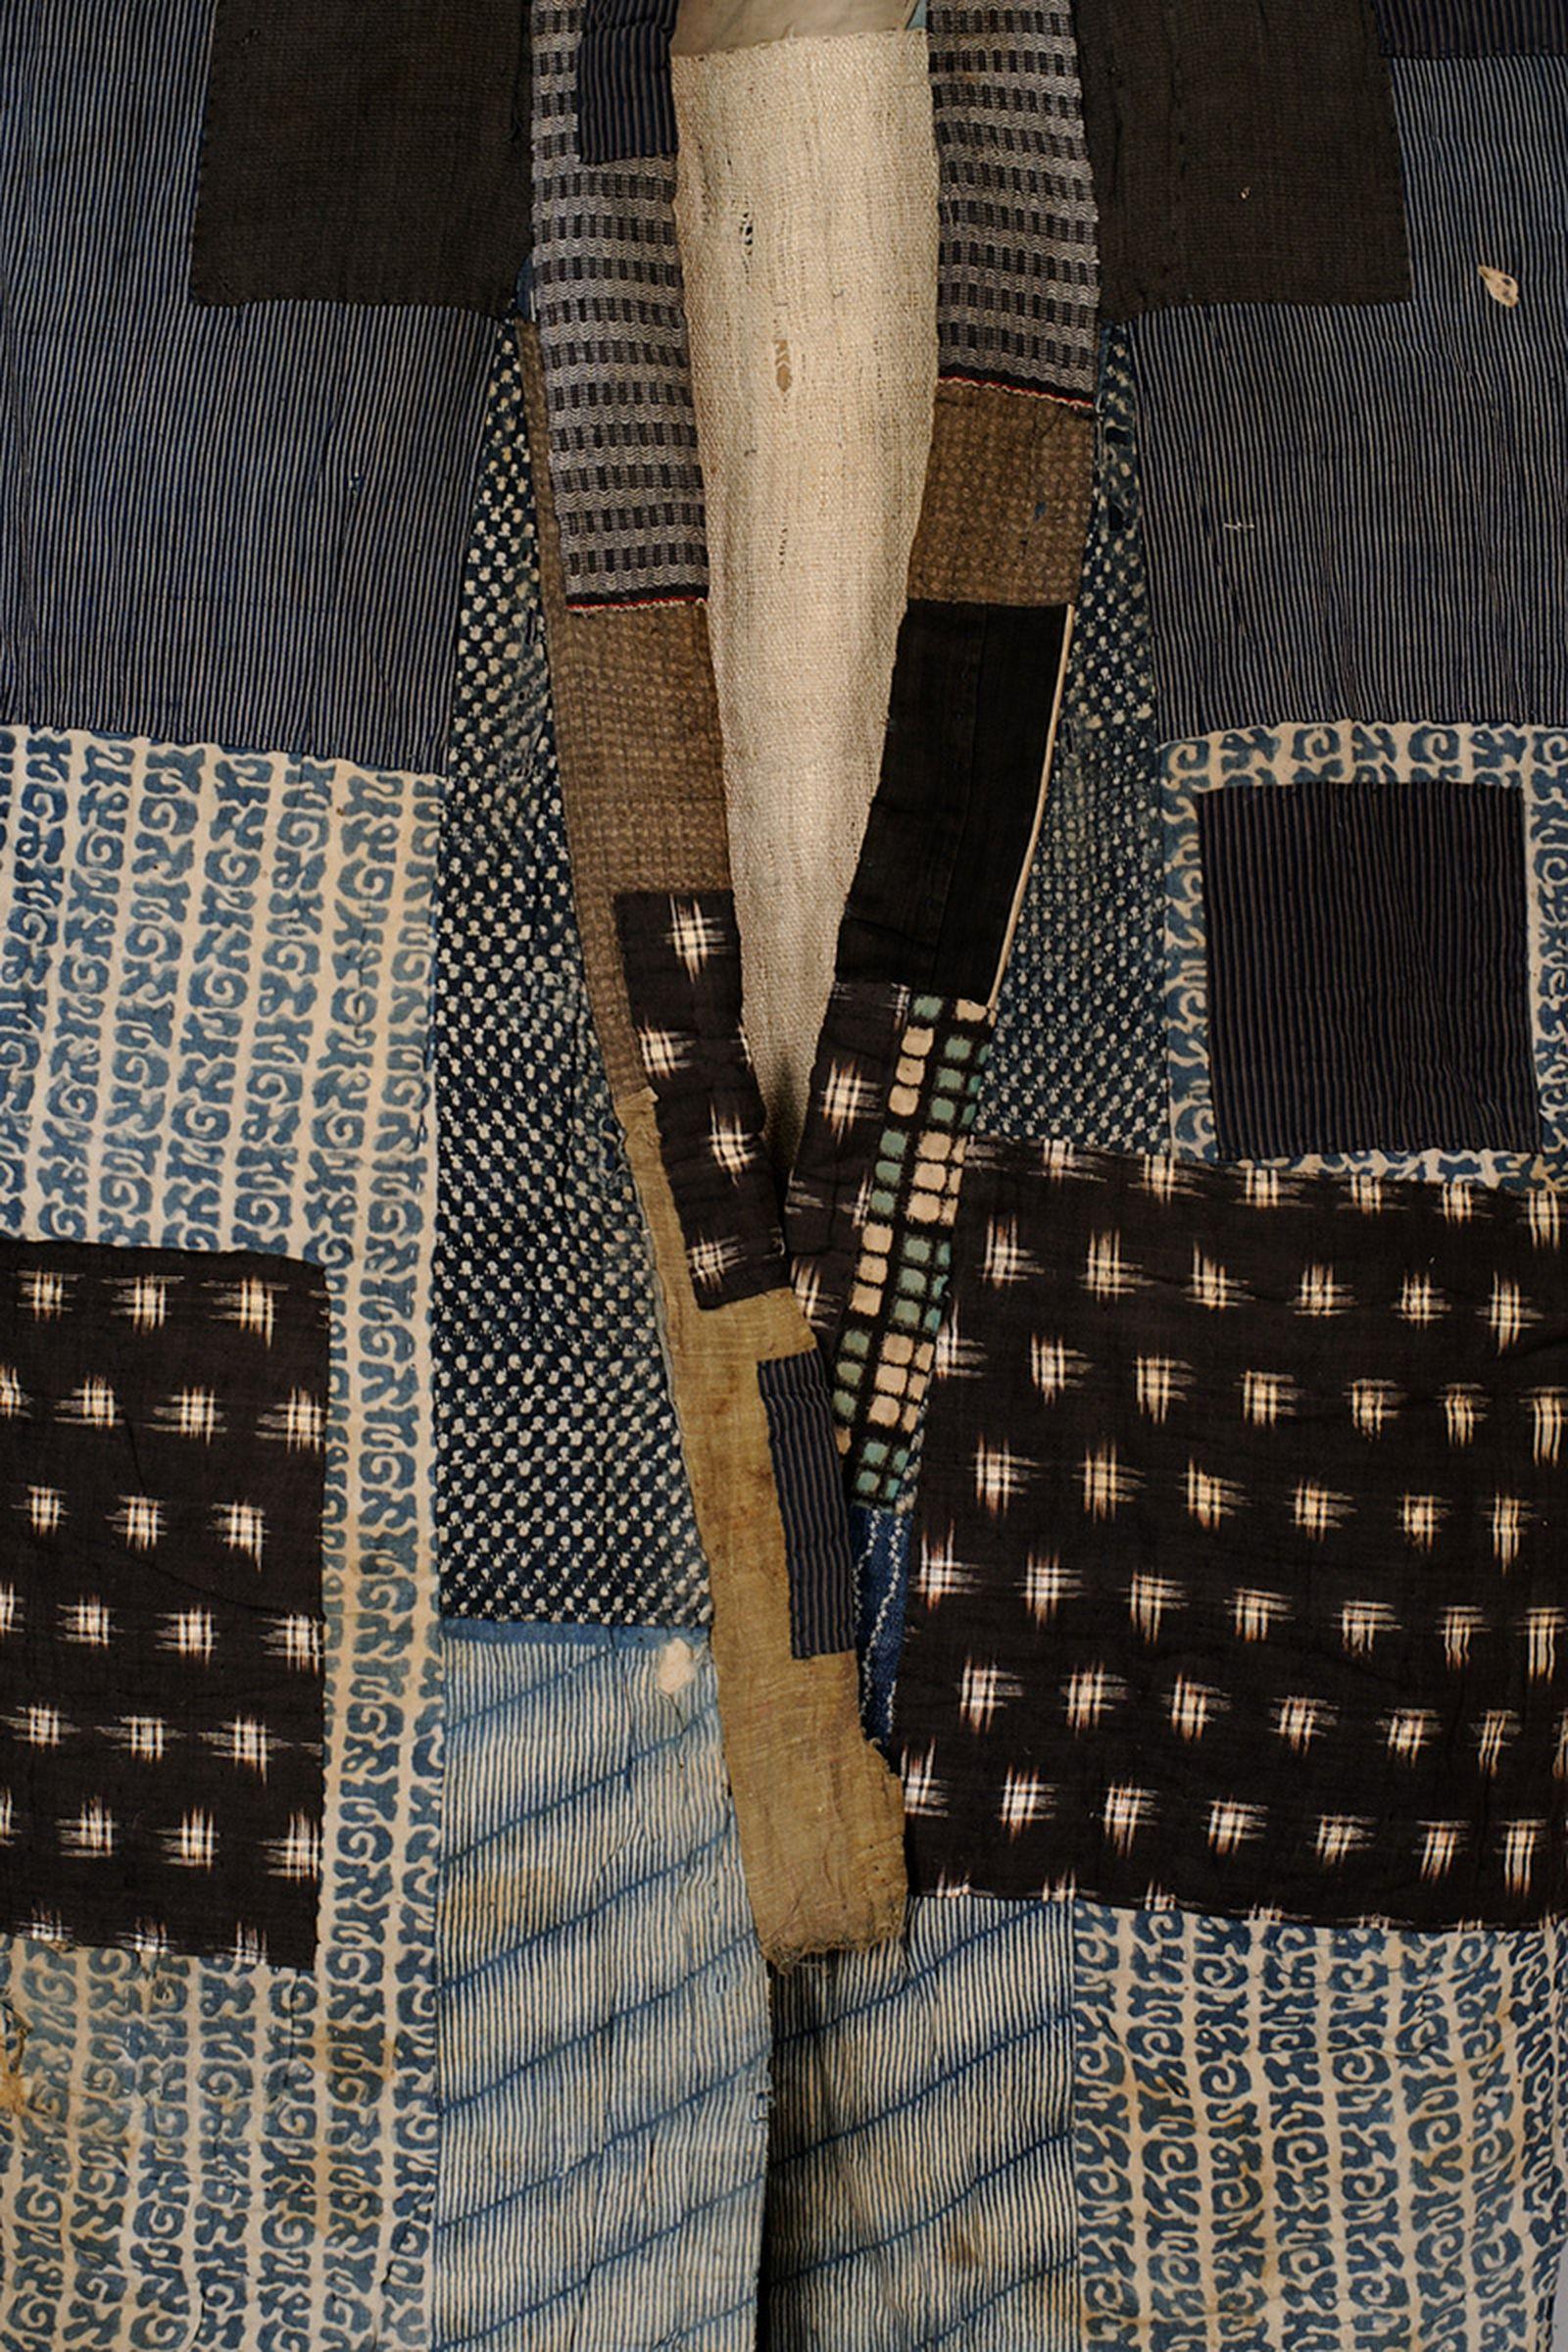 boro-textiles-sustainable-fashion-11